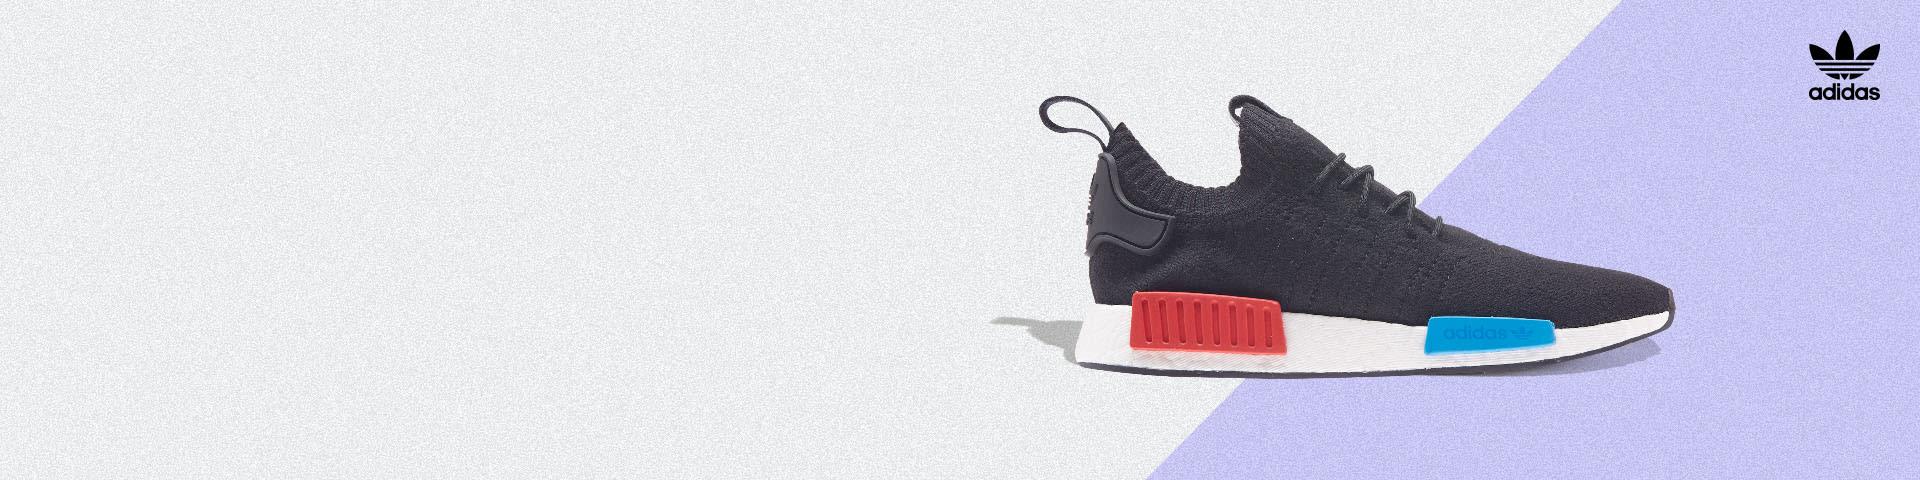 scarpe adidas nmd bambino